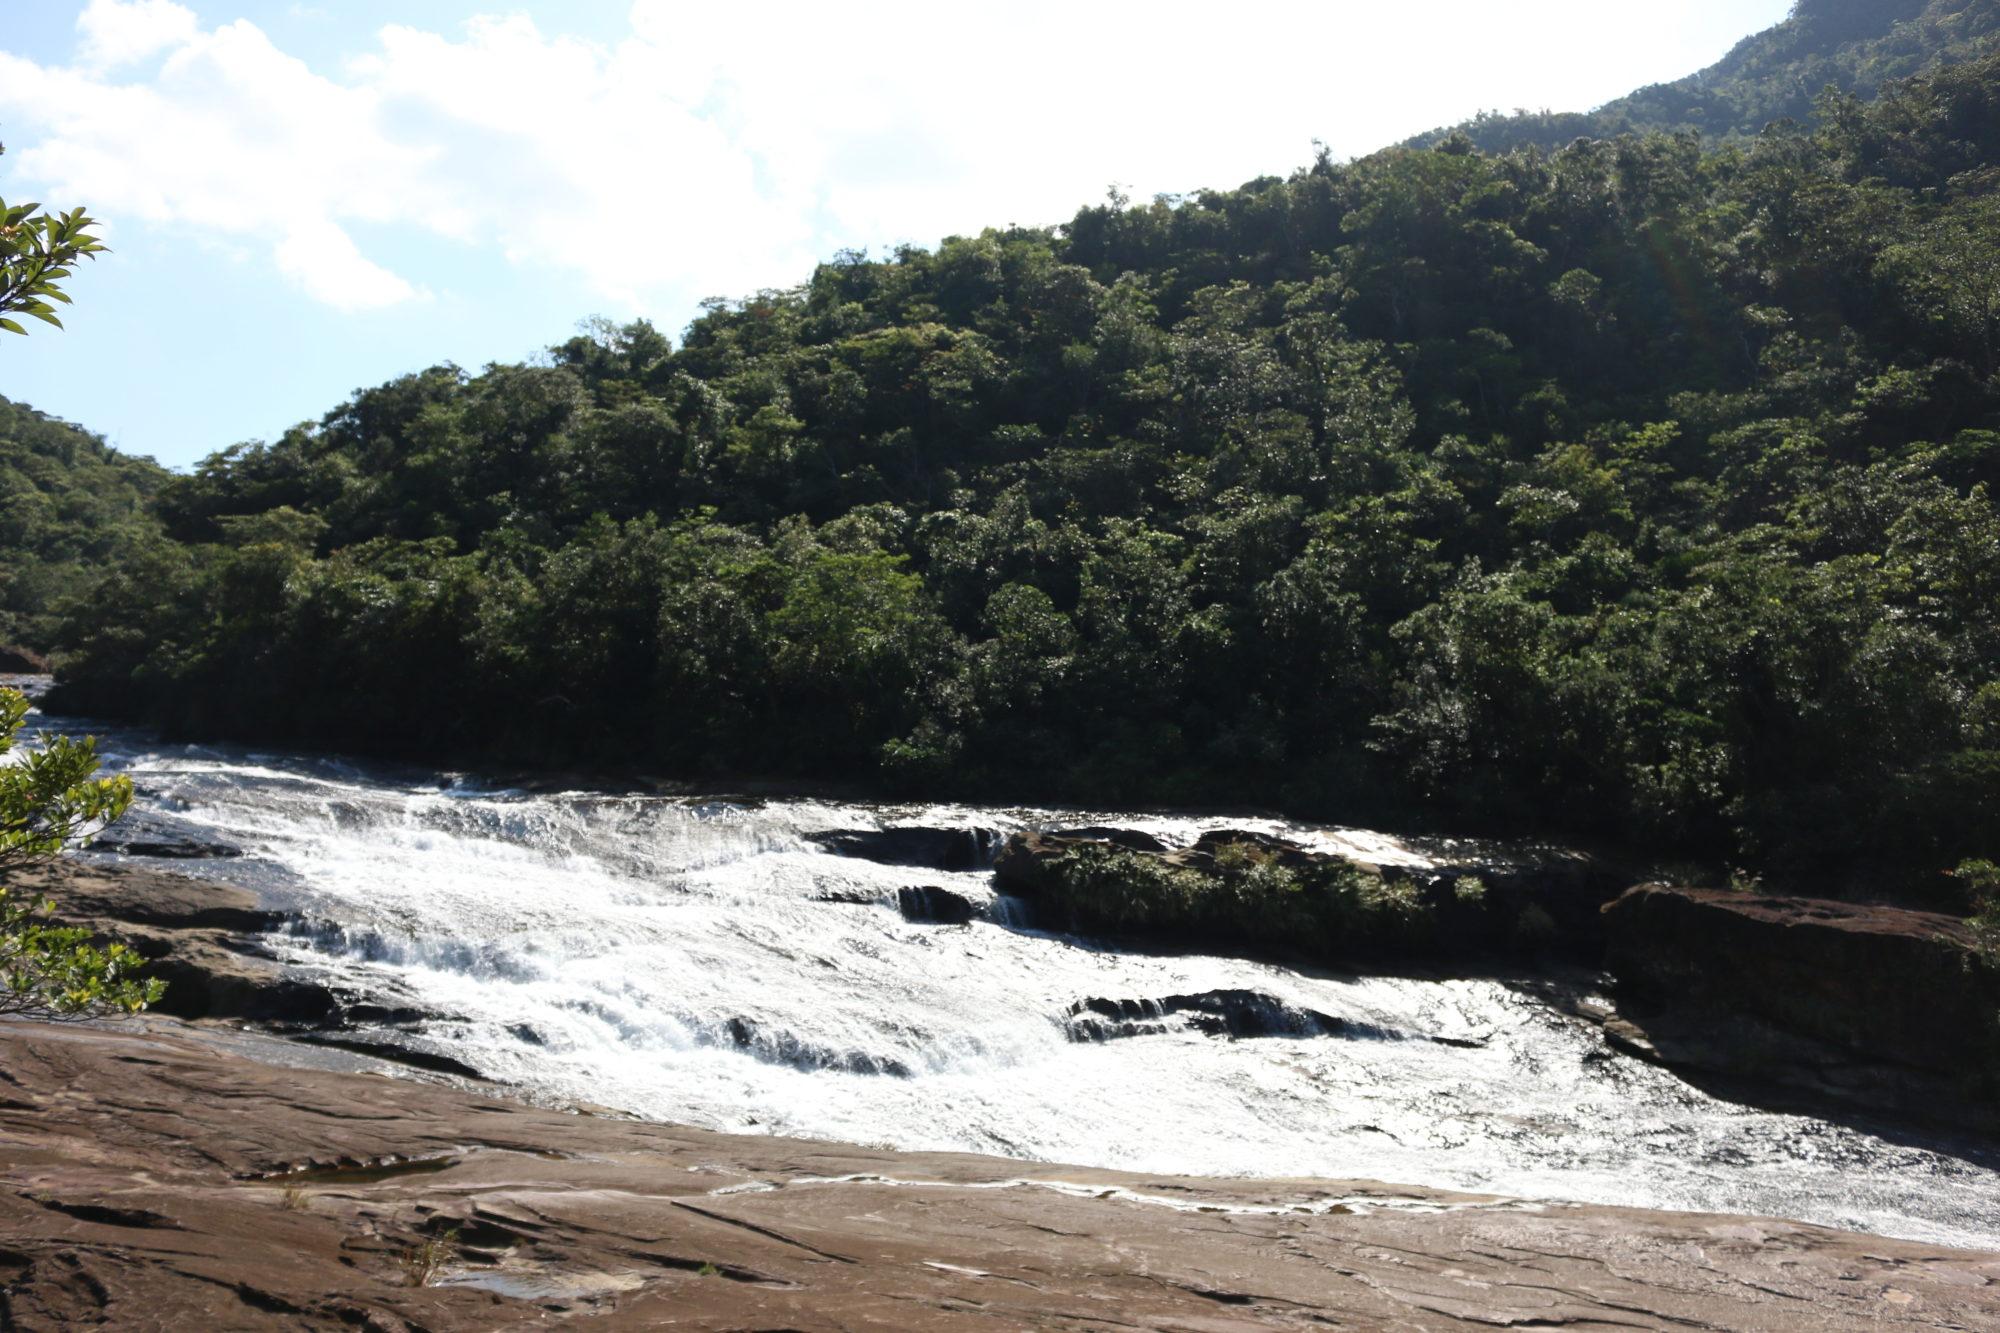 日本の滝100選で一番南にある西表島のマリユドゥの滝へ! さらに登ってカンビレーの滝へ。〜年末に行く、離島旅2017-2018〜